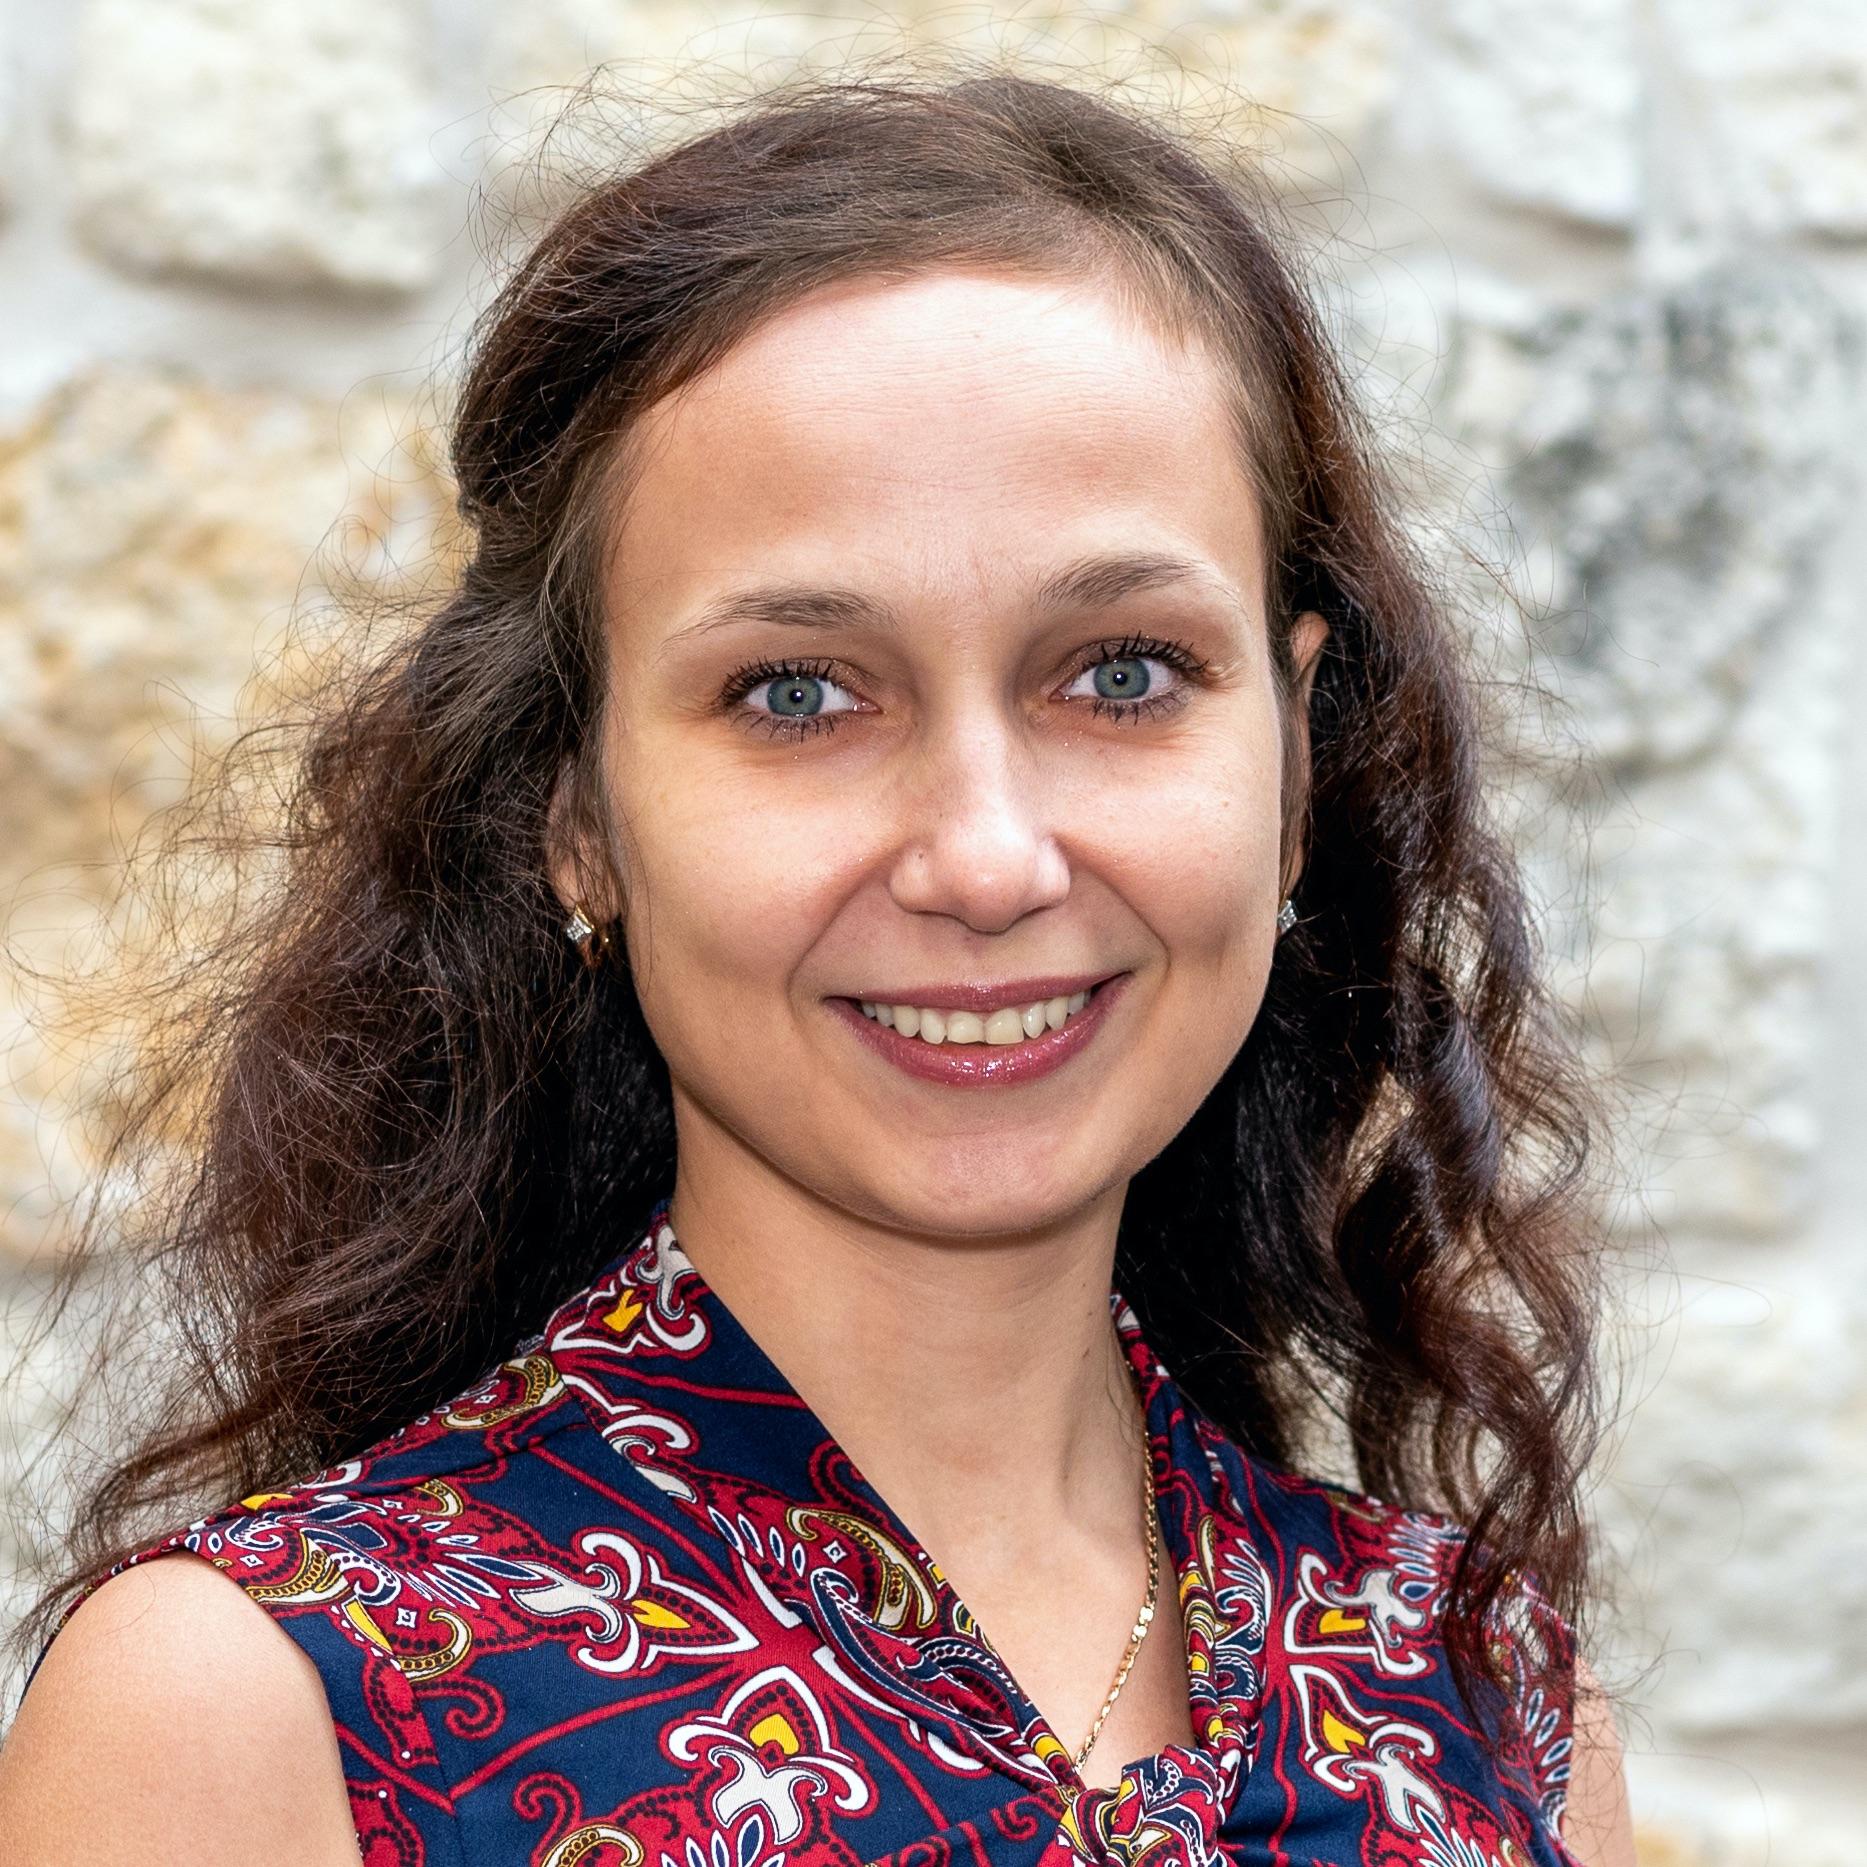 Anna Kosova